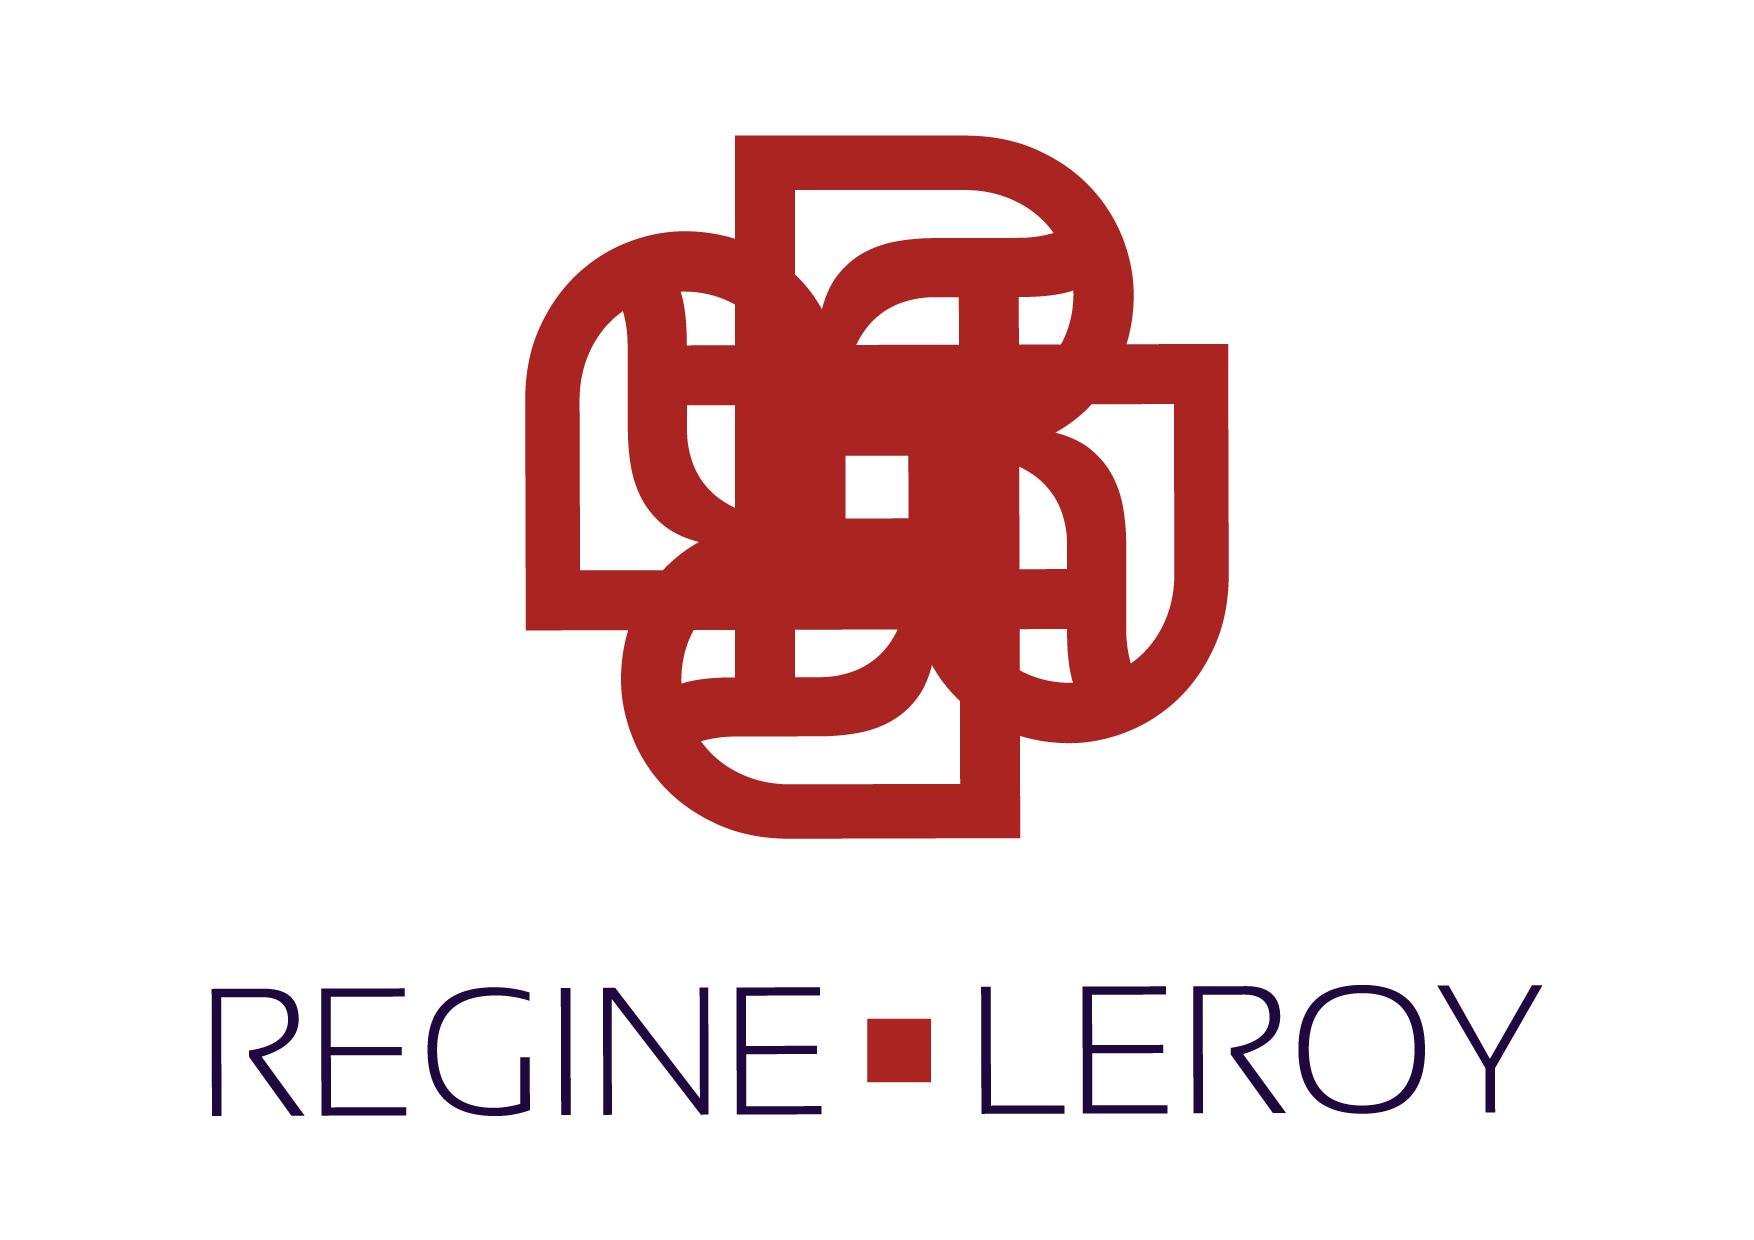 logo-regine-leroy-by-funky-b